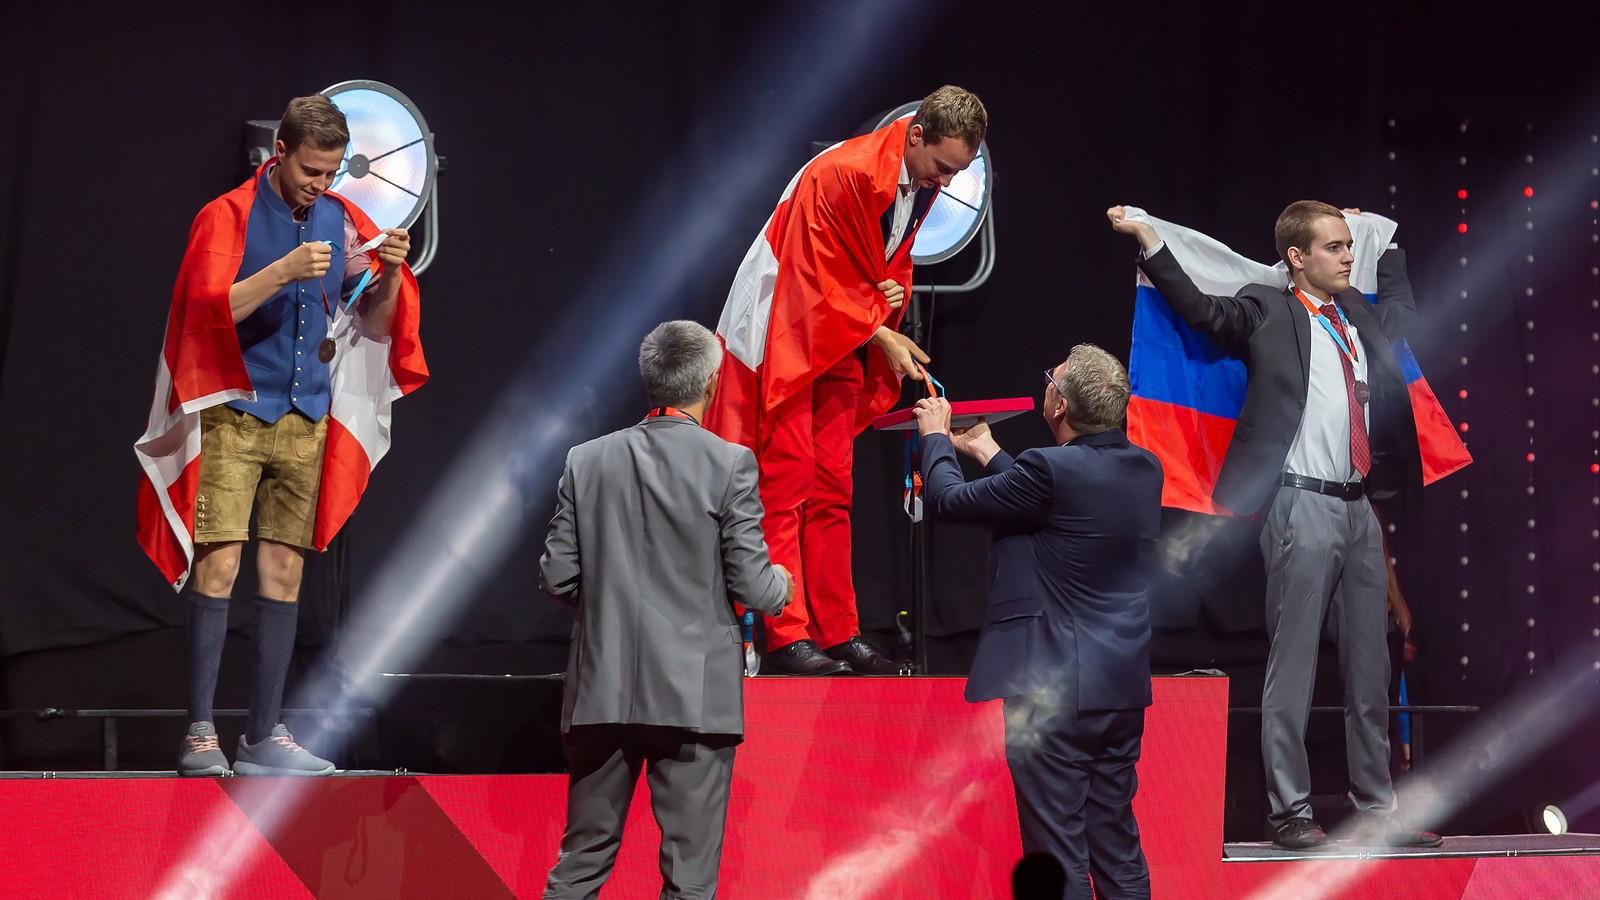 EuroSkills Graz 2021 - Remise des médailles le 26 septembre:  Simon Koch Boswil/AG remporte une médaille d'or.